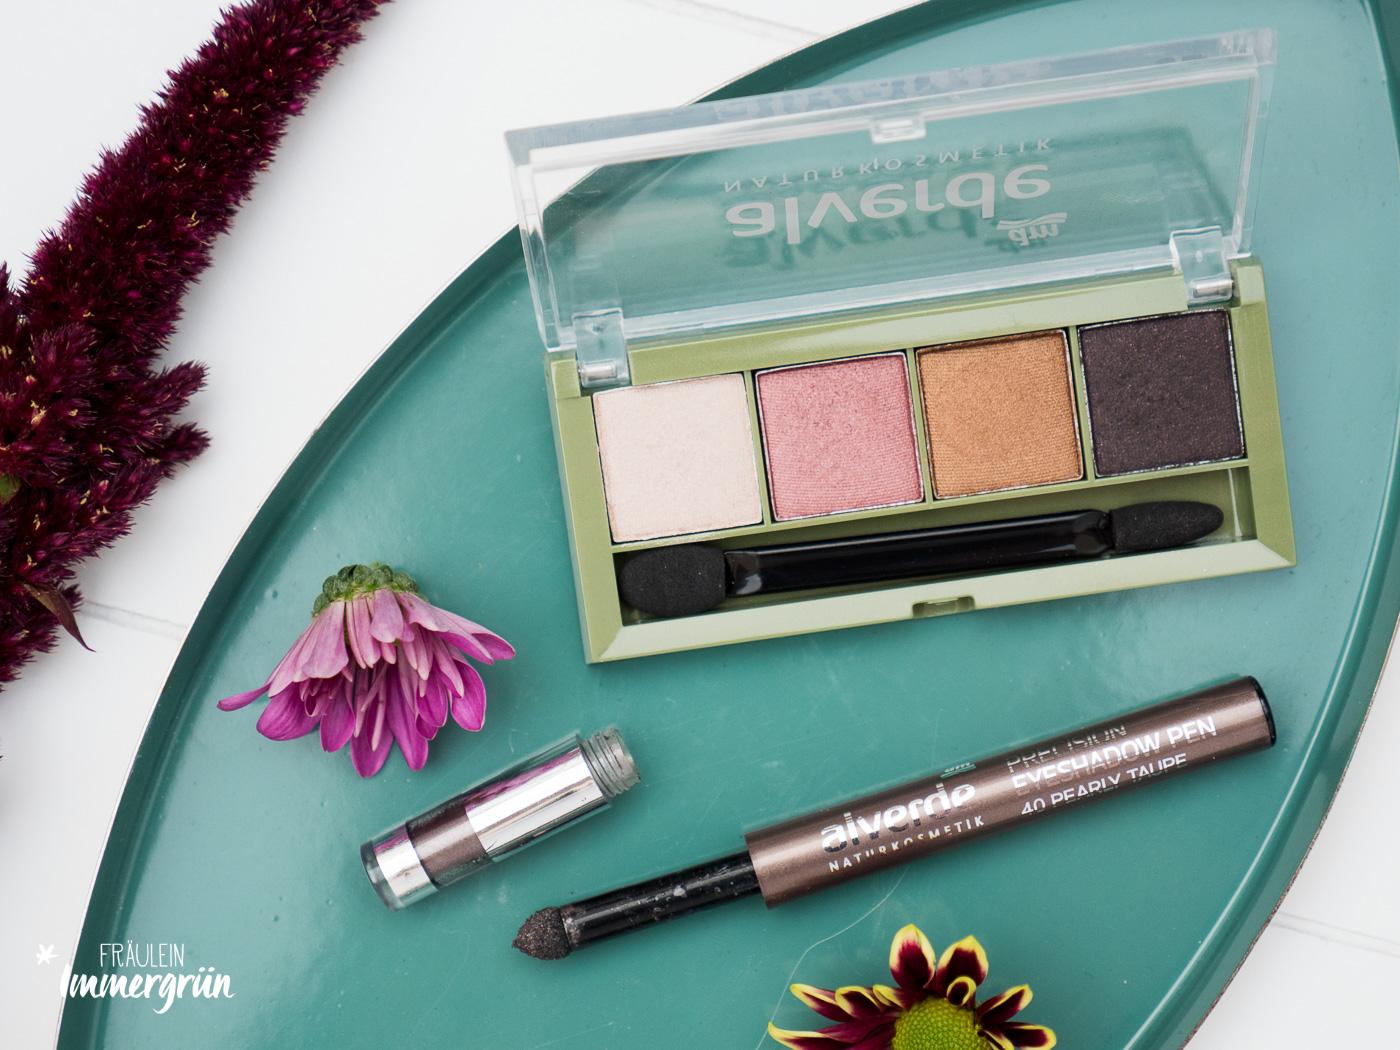 DM Alverde Neuigkeiten Herbst 2018 - vegane Naturkosmetik aus der Drogerie Pecision Eyeshadow Pen Taupe und Lidschatten Quattro Expressive Eyes